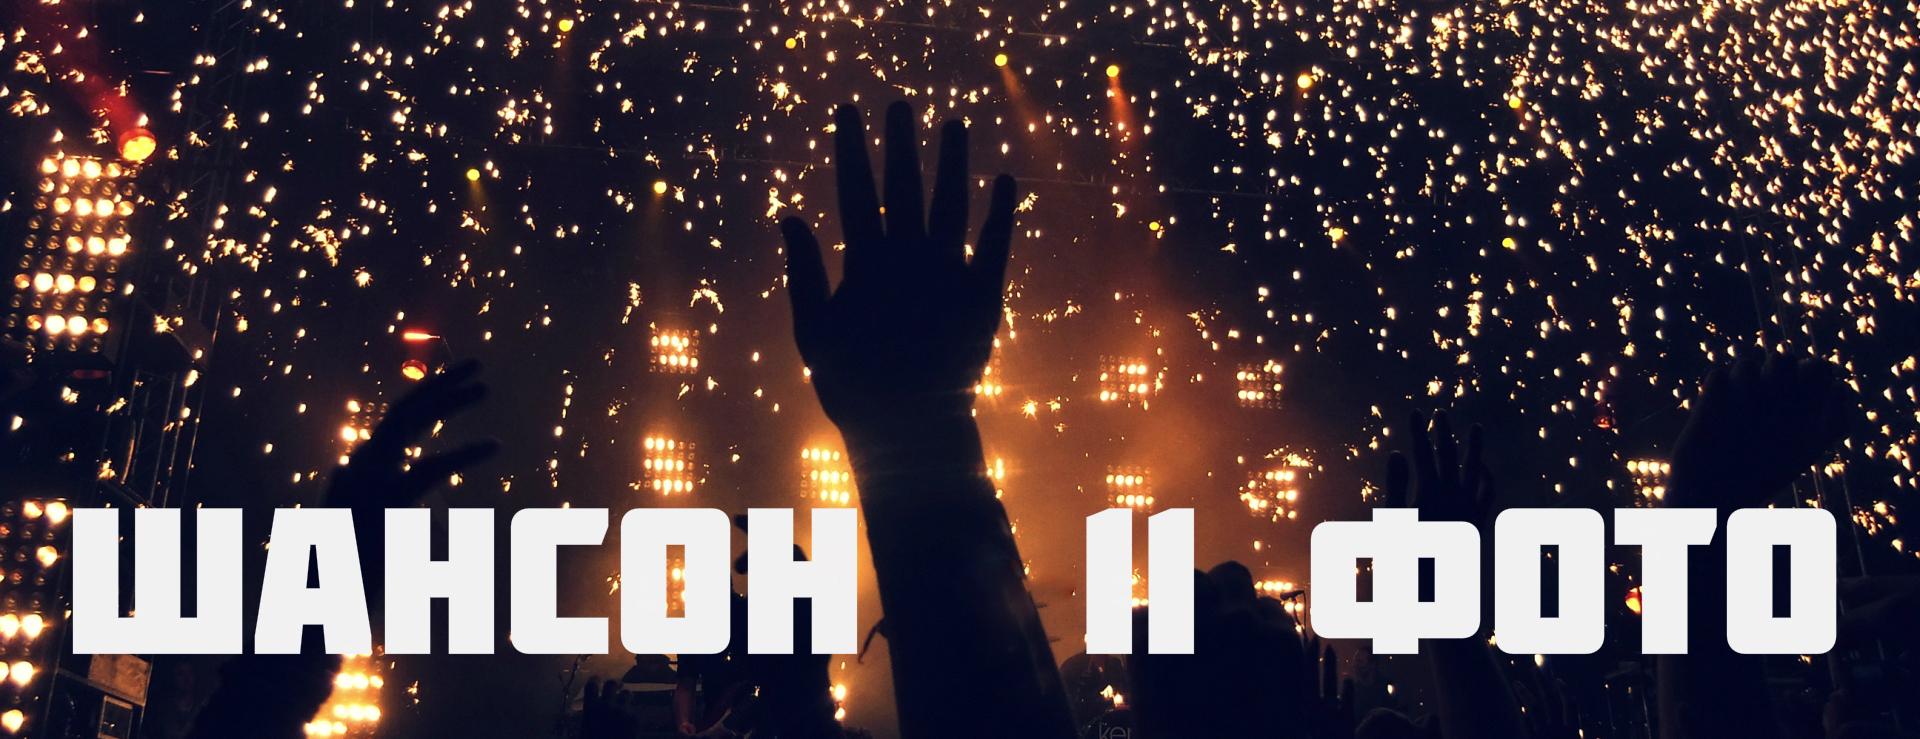 Фото с фестиваля «Рождественский шансон — 11» в БКЗ «Октябрьский» 07 января 2016 г.